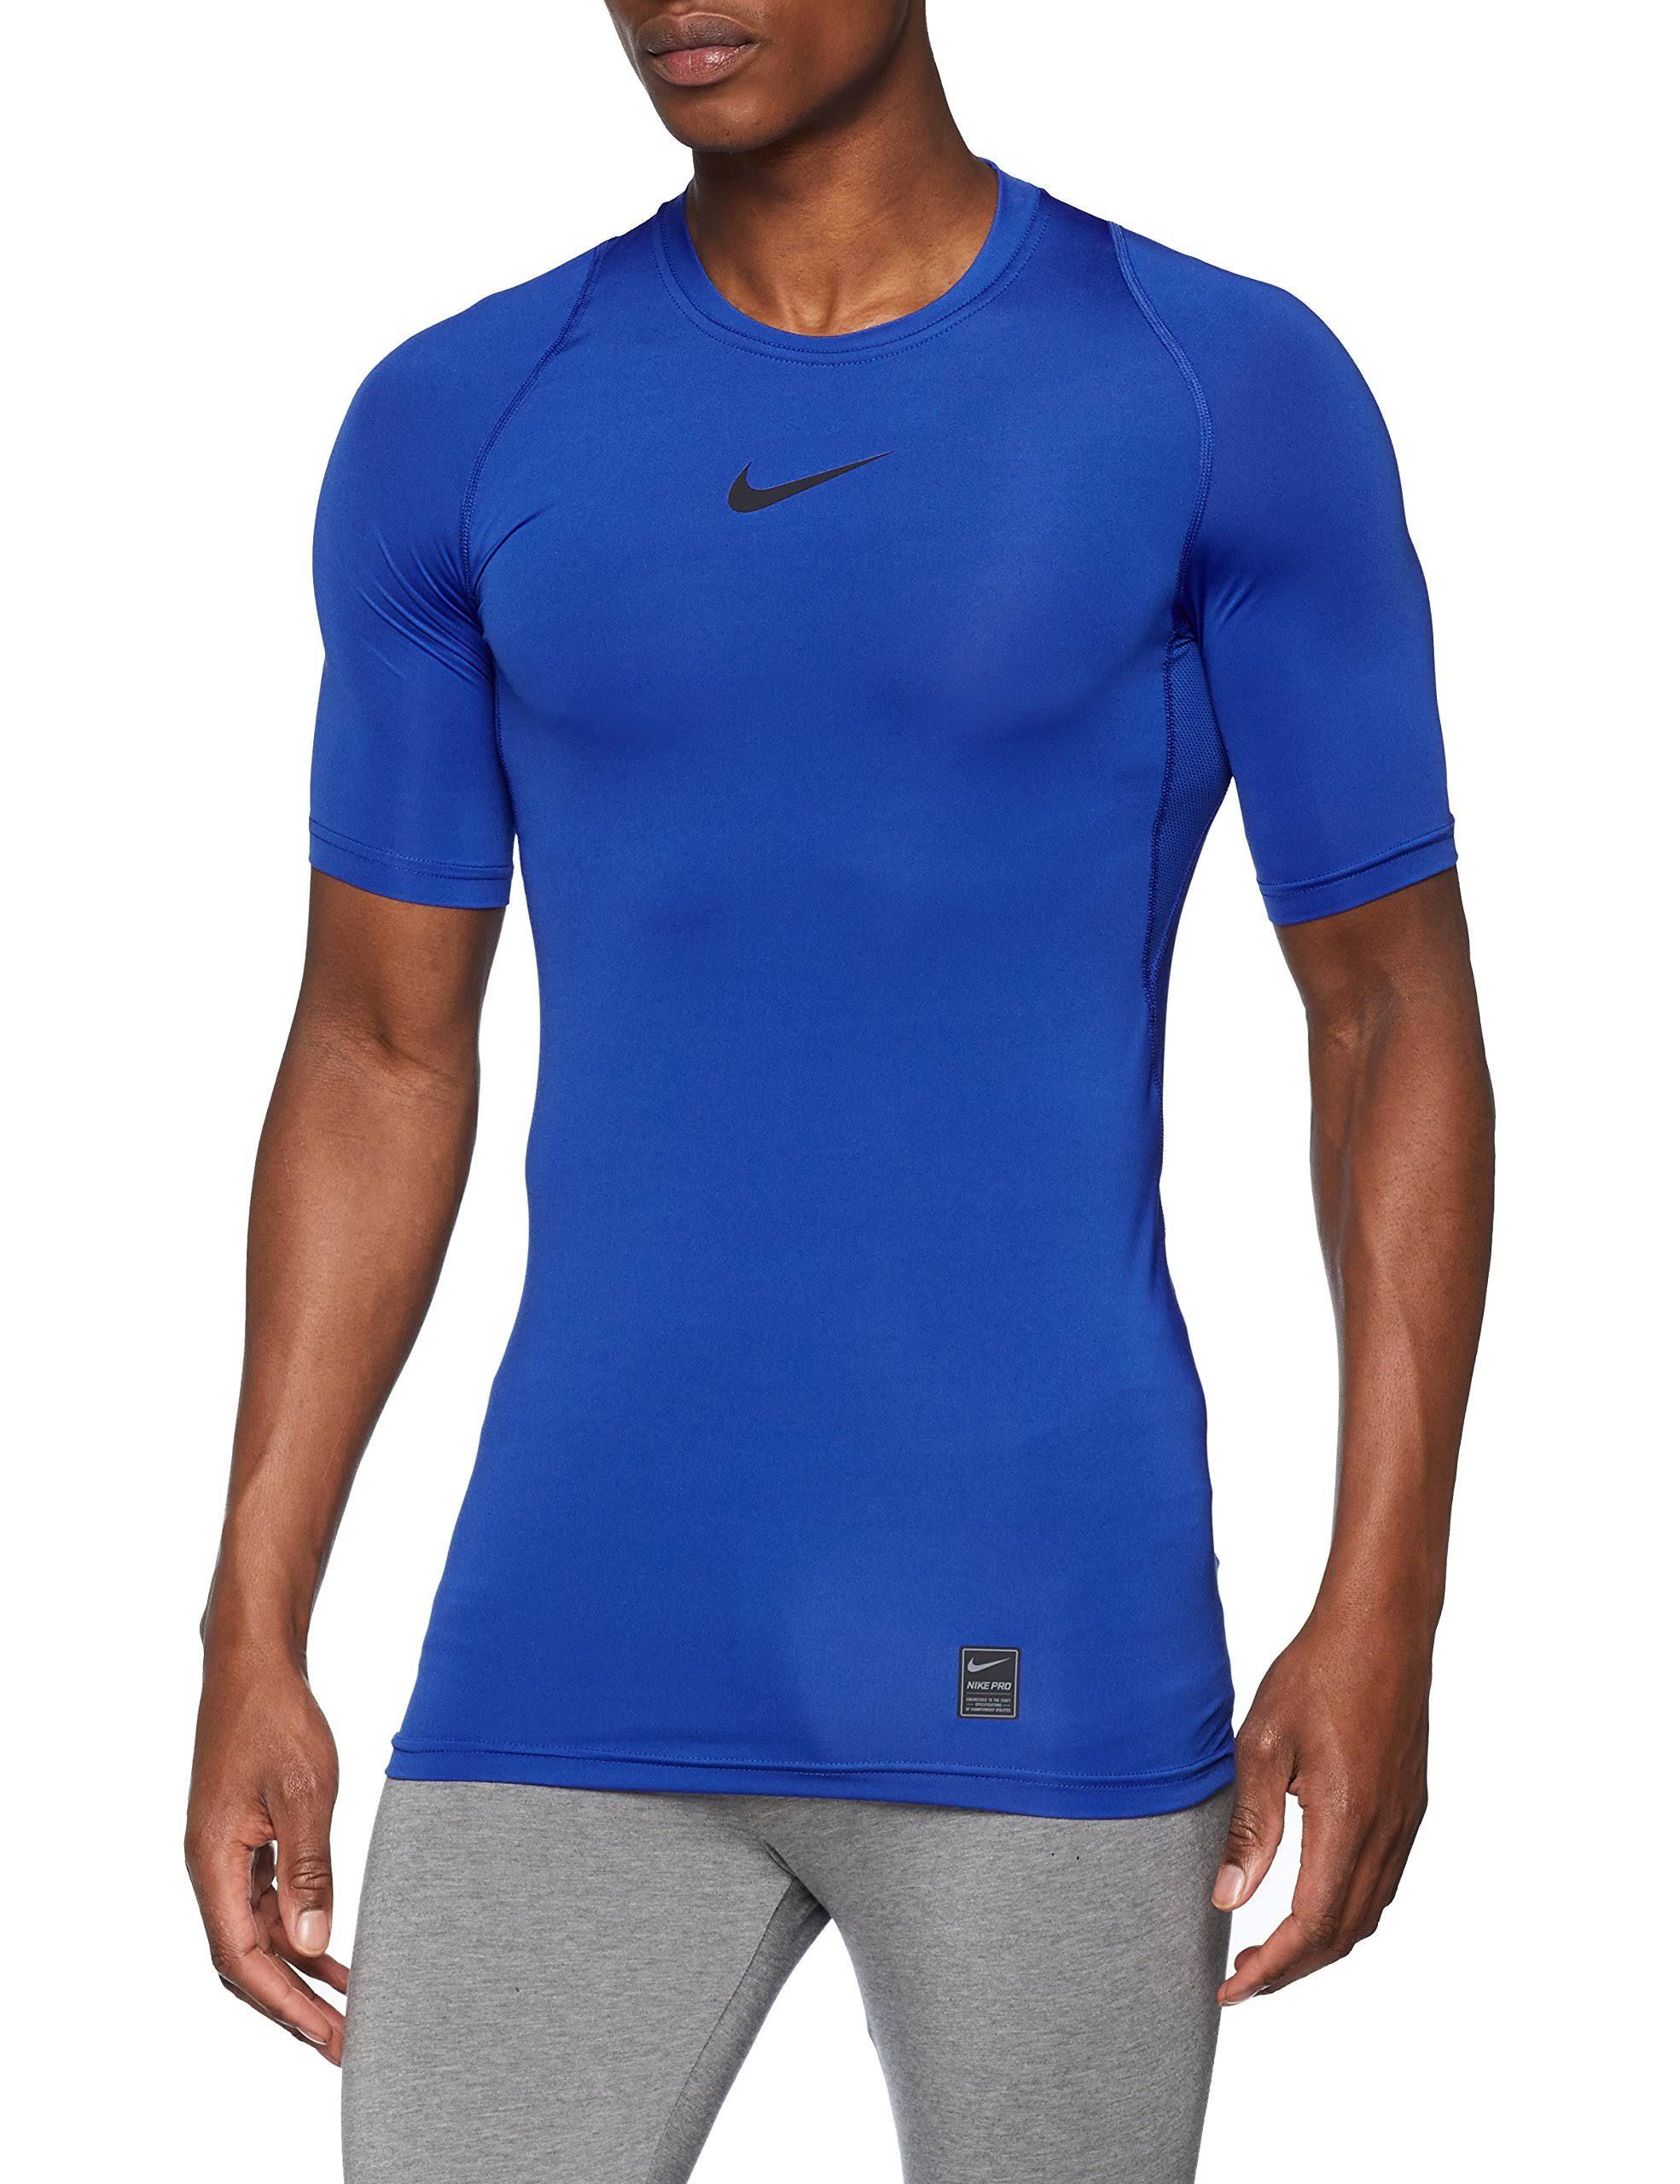 Blau Sports Herren Nike Kurzarmshirt Regular Compression Jd Pro wqxtRBZ